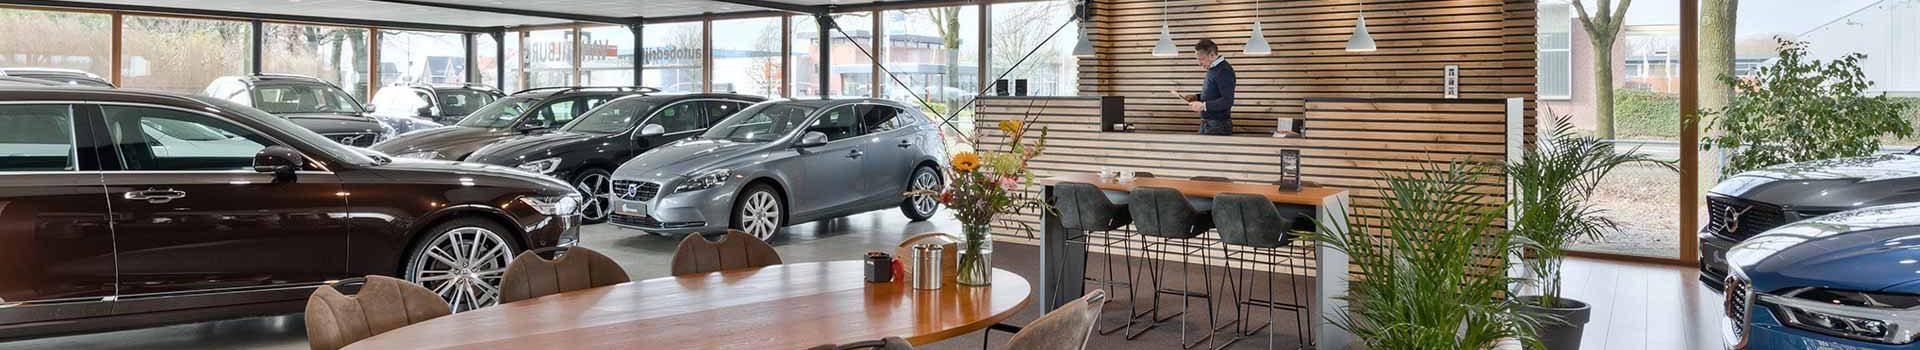 Showroom Auto van Tilburg